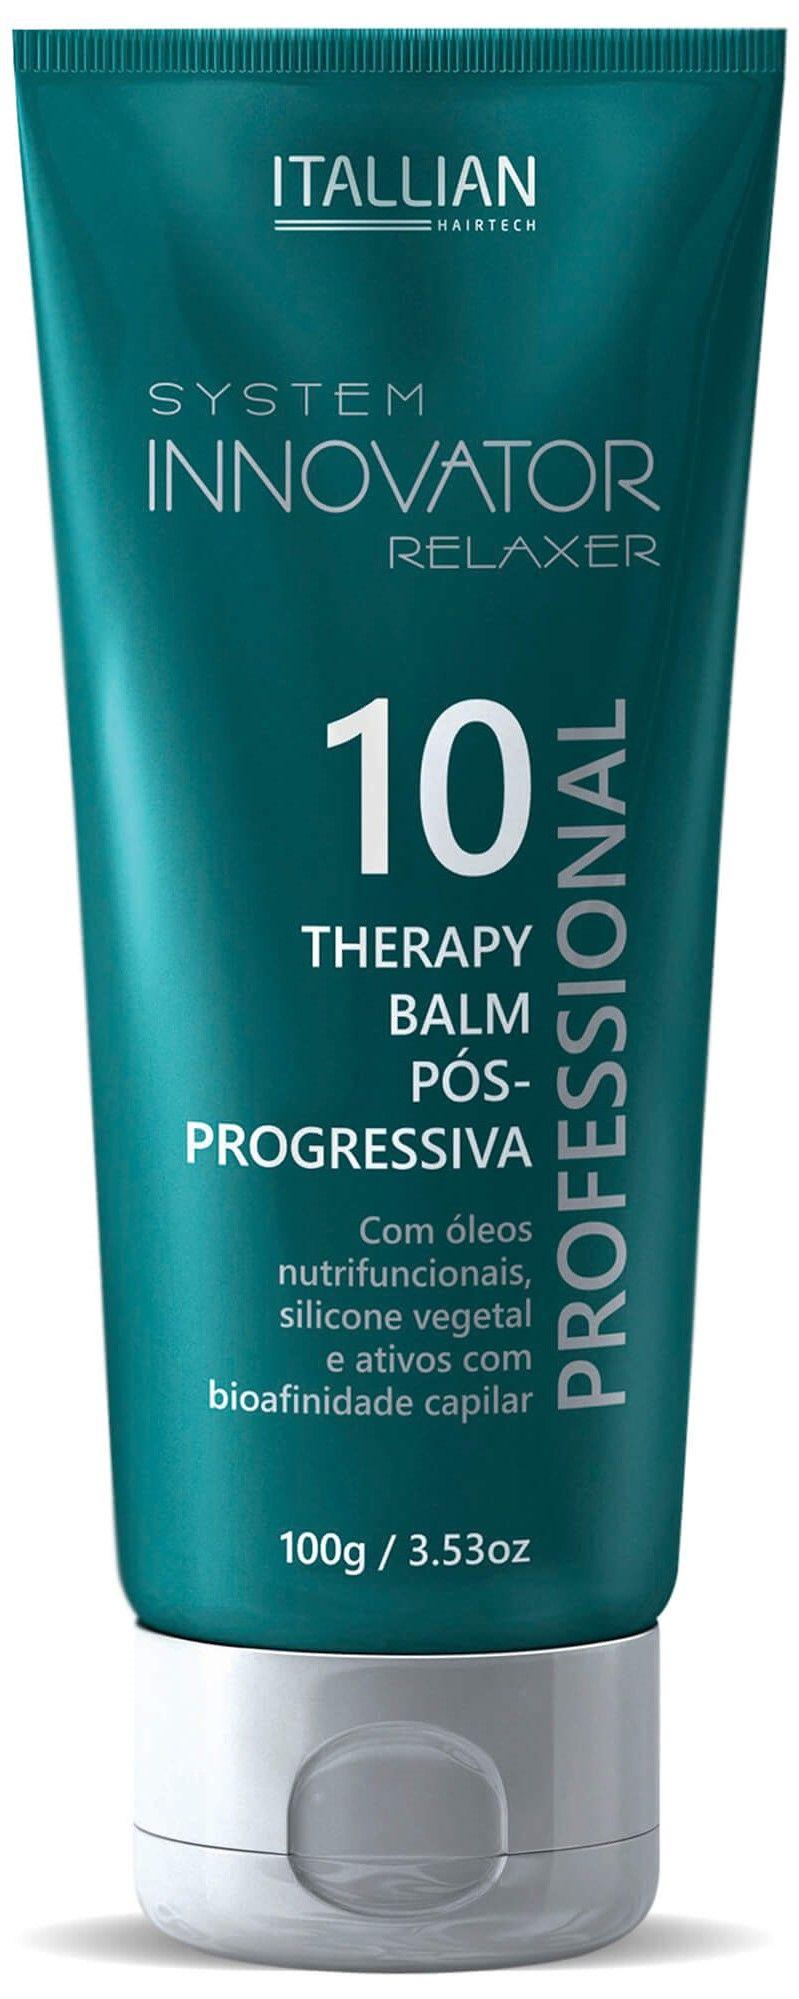 Protetor Pós-progressiva Itallian Therapy Balm 10 - 100g